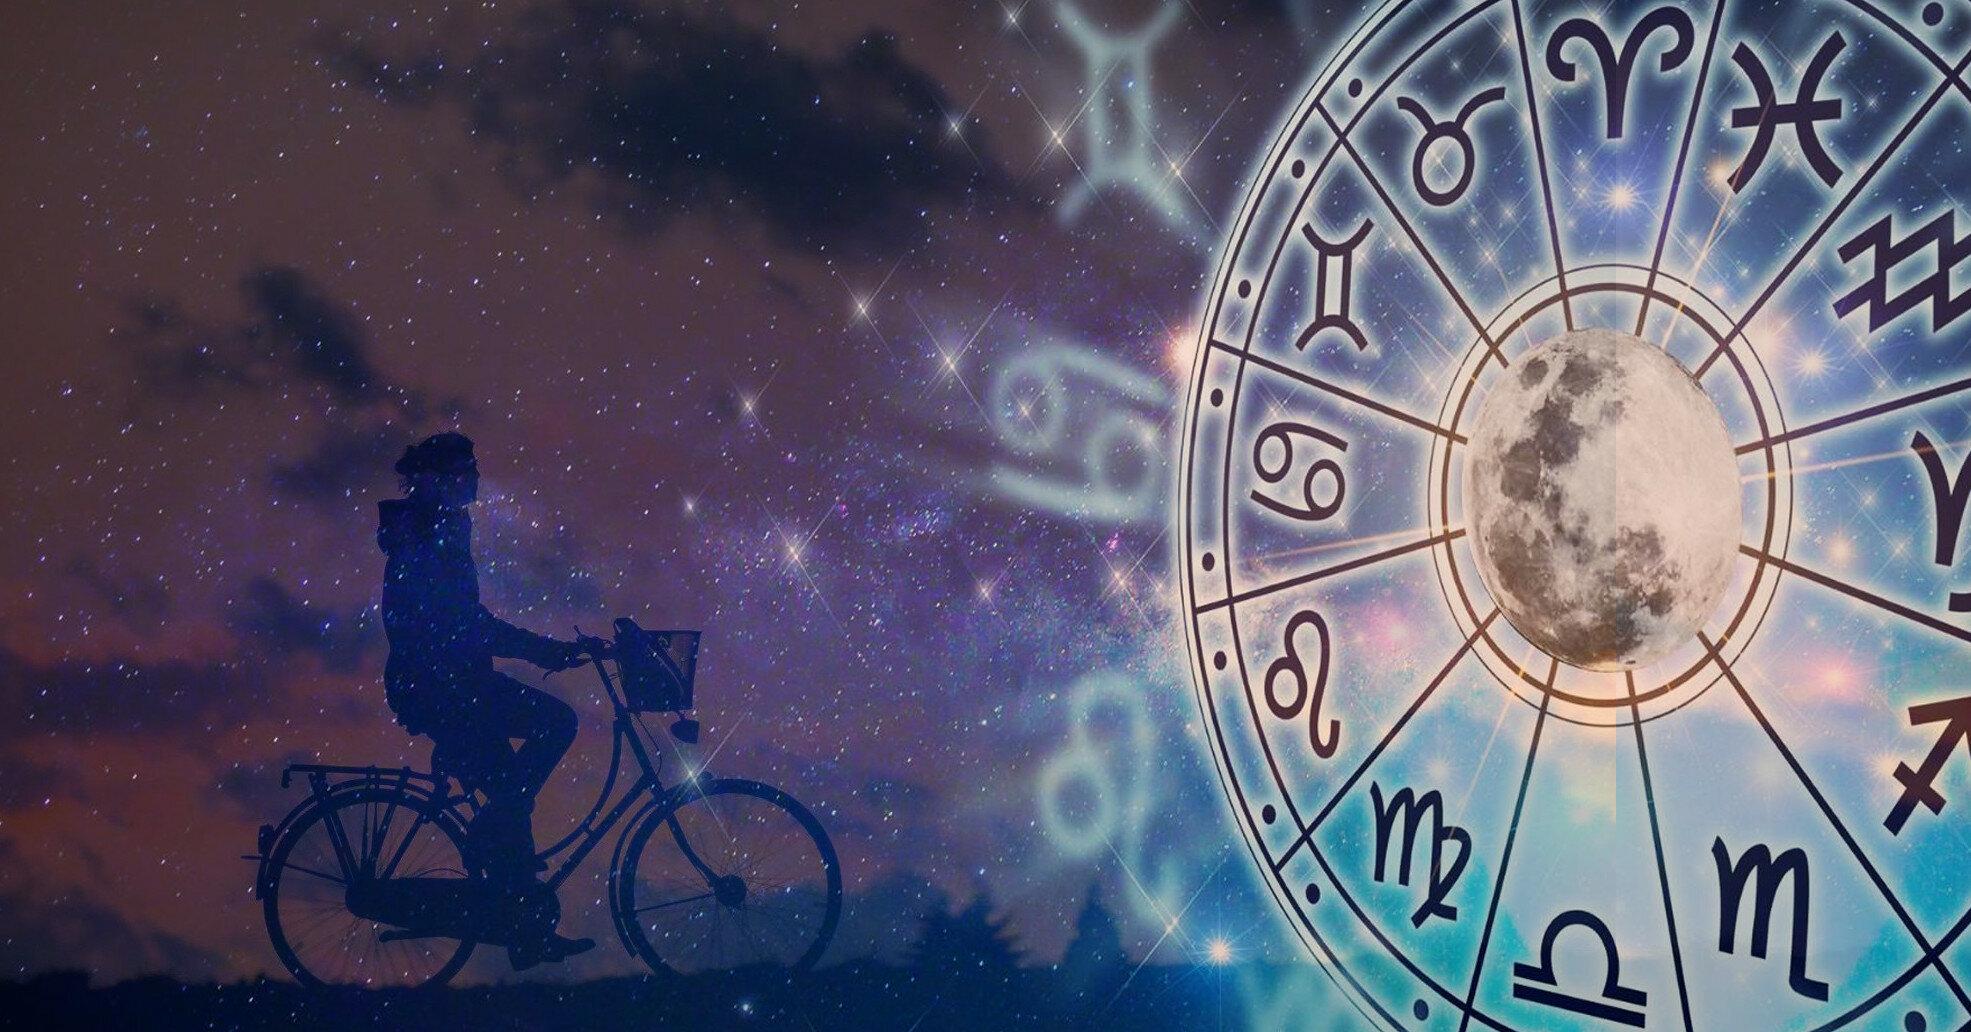 Астрологи рассказали, каких женщин выбирают мужчины по знаку Зодиака